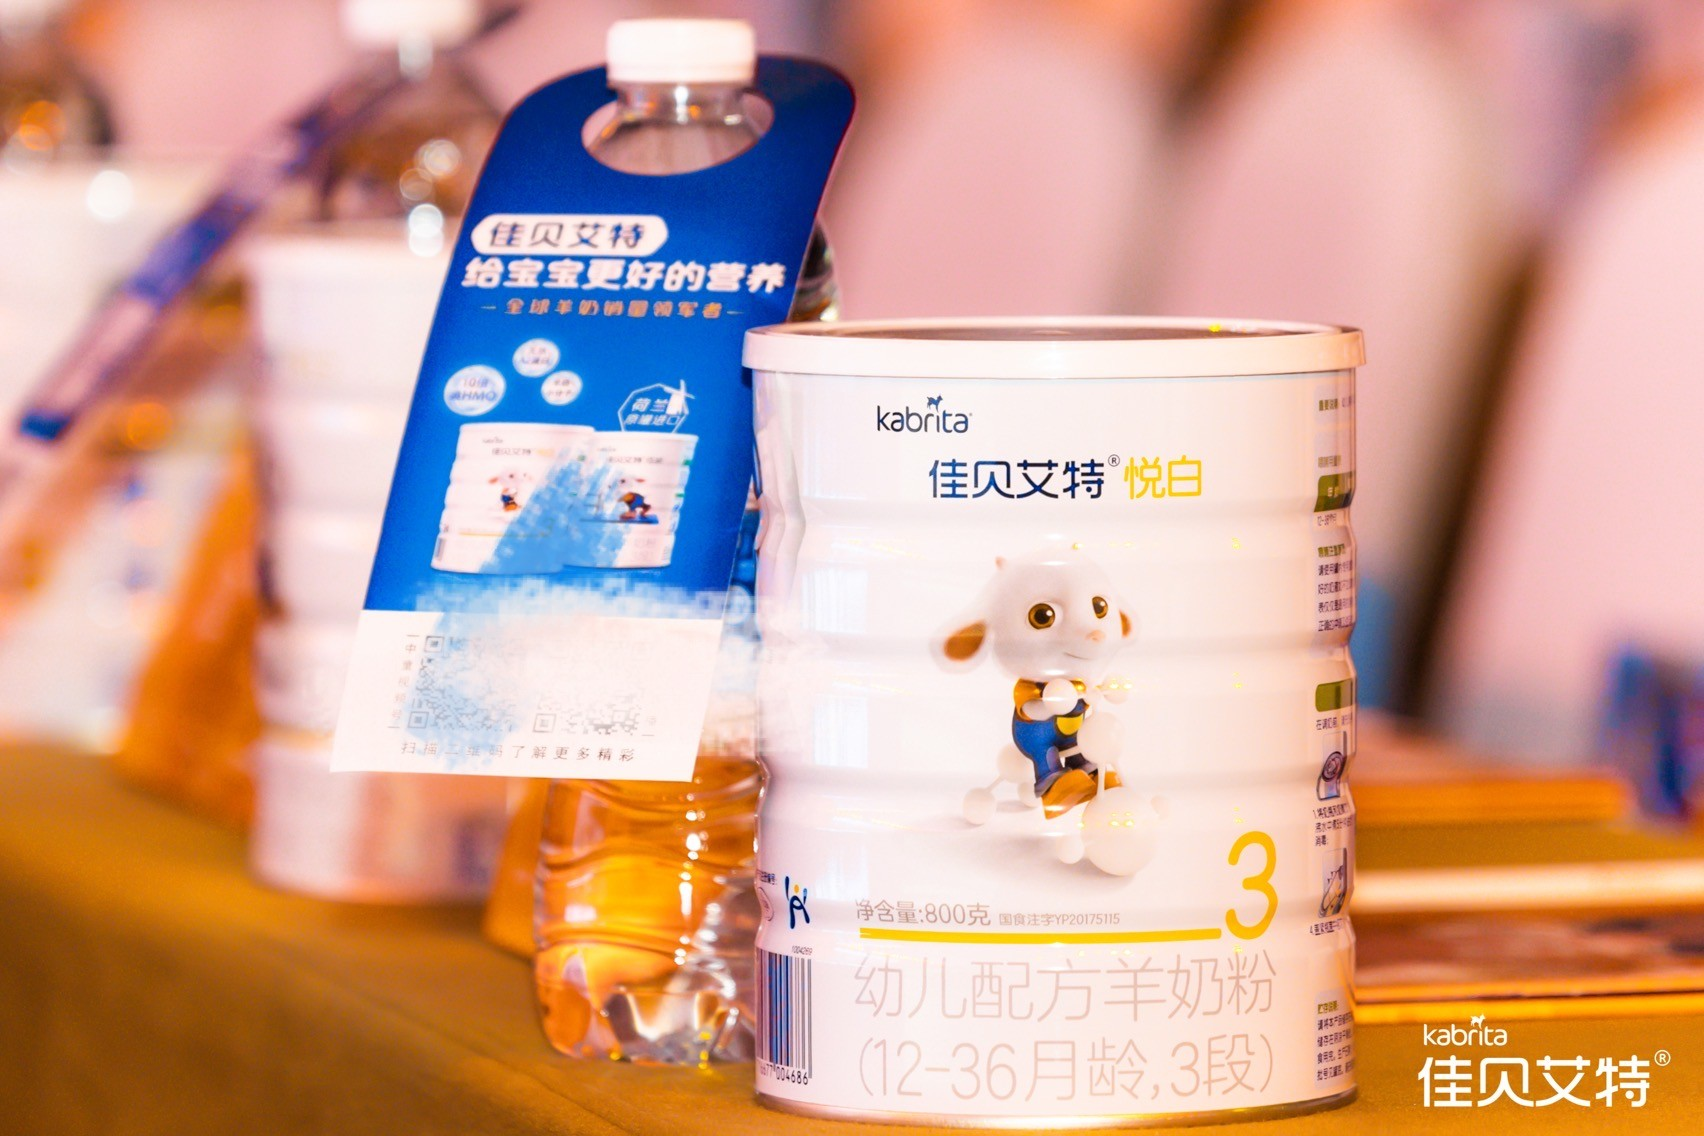 中国羊奶粉大会共话质量增长 佳贝艾特携手行业向双百亿迈进